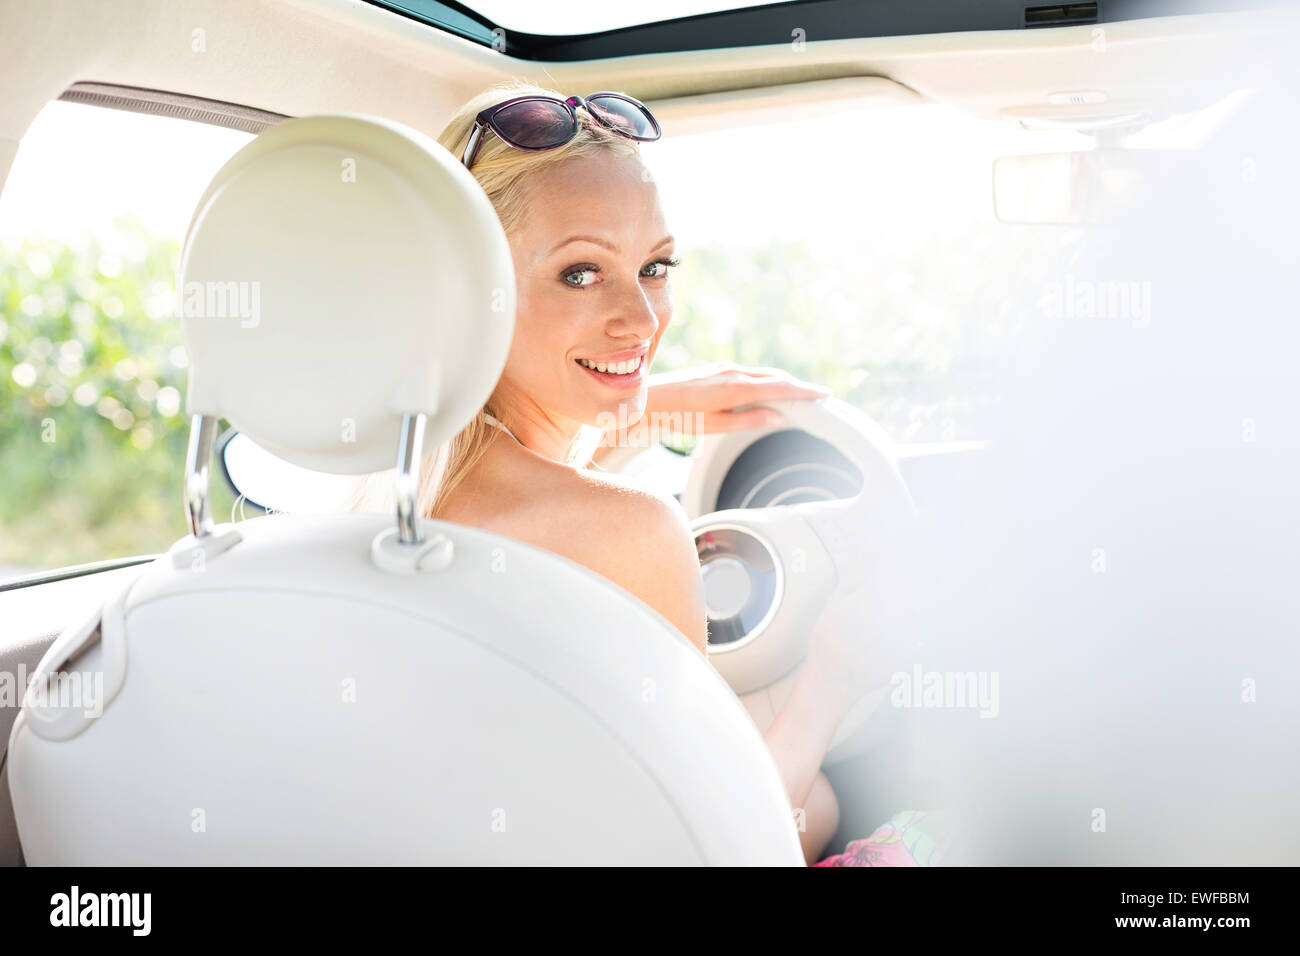 Vista posteriore del ritratto di donna felice auto pilotaggio Immagini Stock